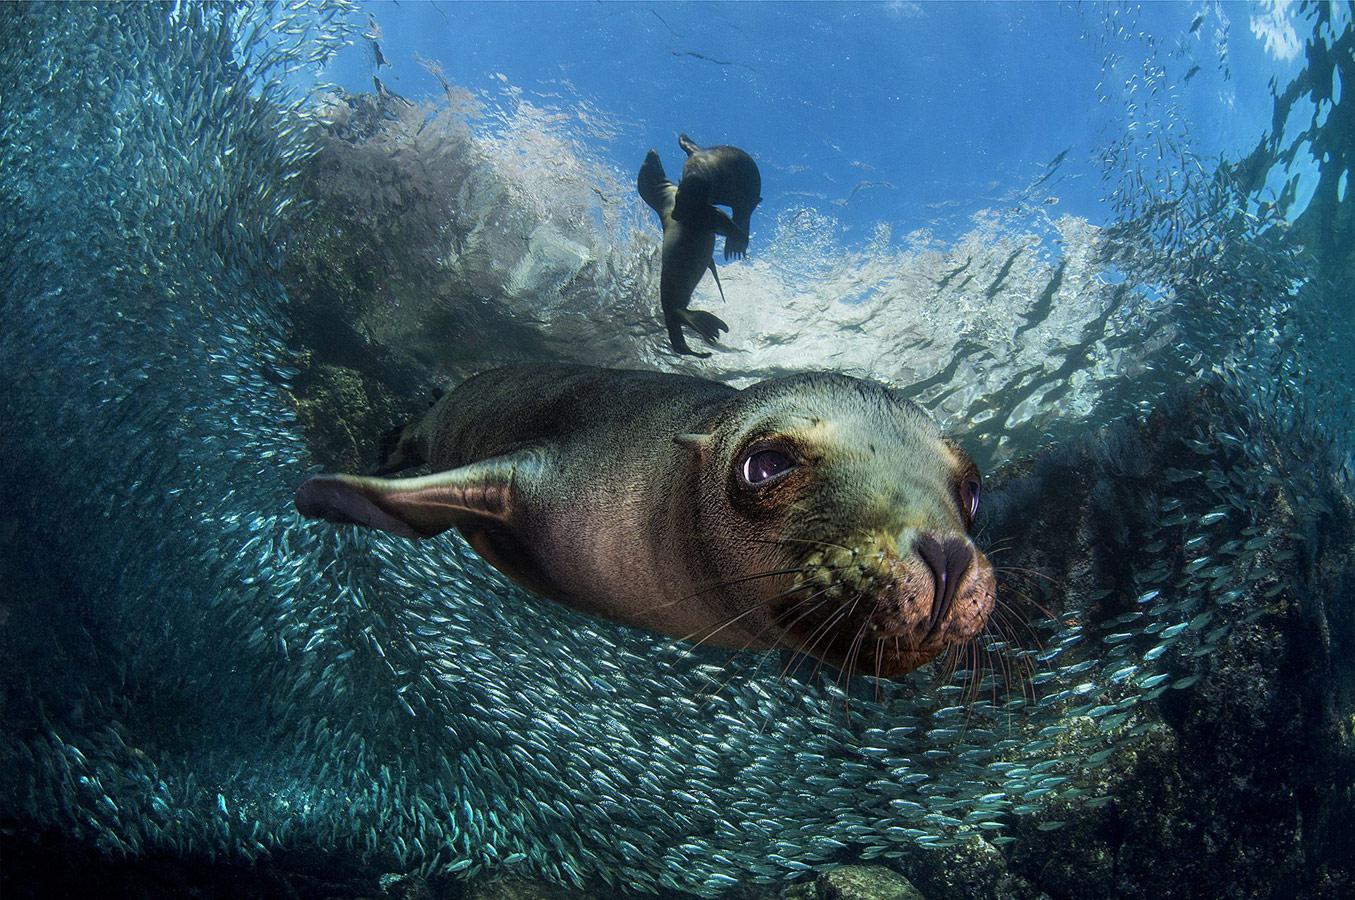 Филиппо Борги, Италия / Filippo Borghi, Italy, 3-е место в категории «Животные в природе», Фотоконкурс Siena International Photography Awards